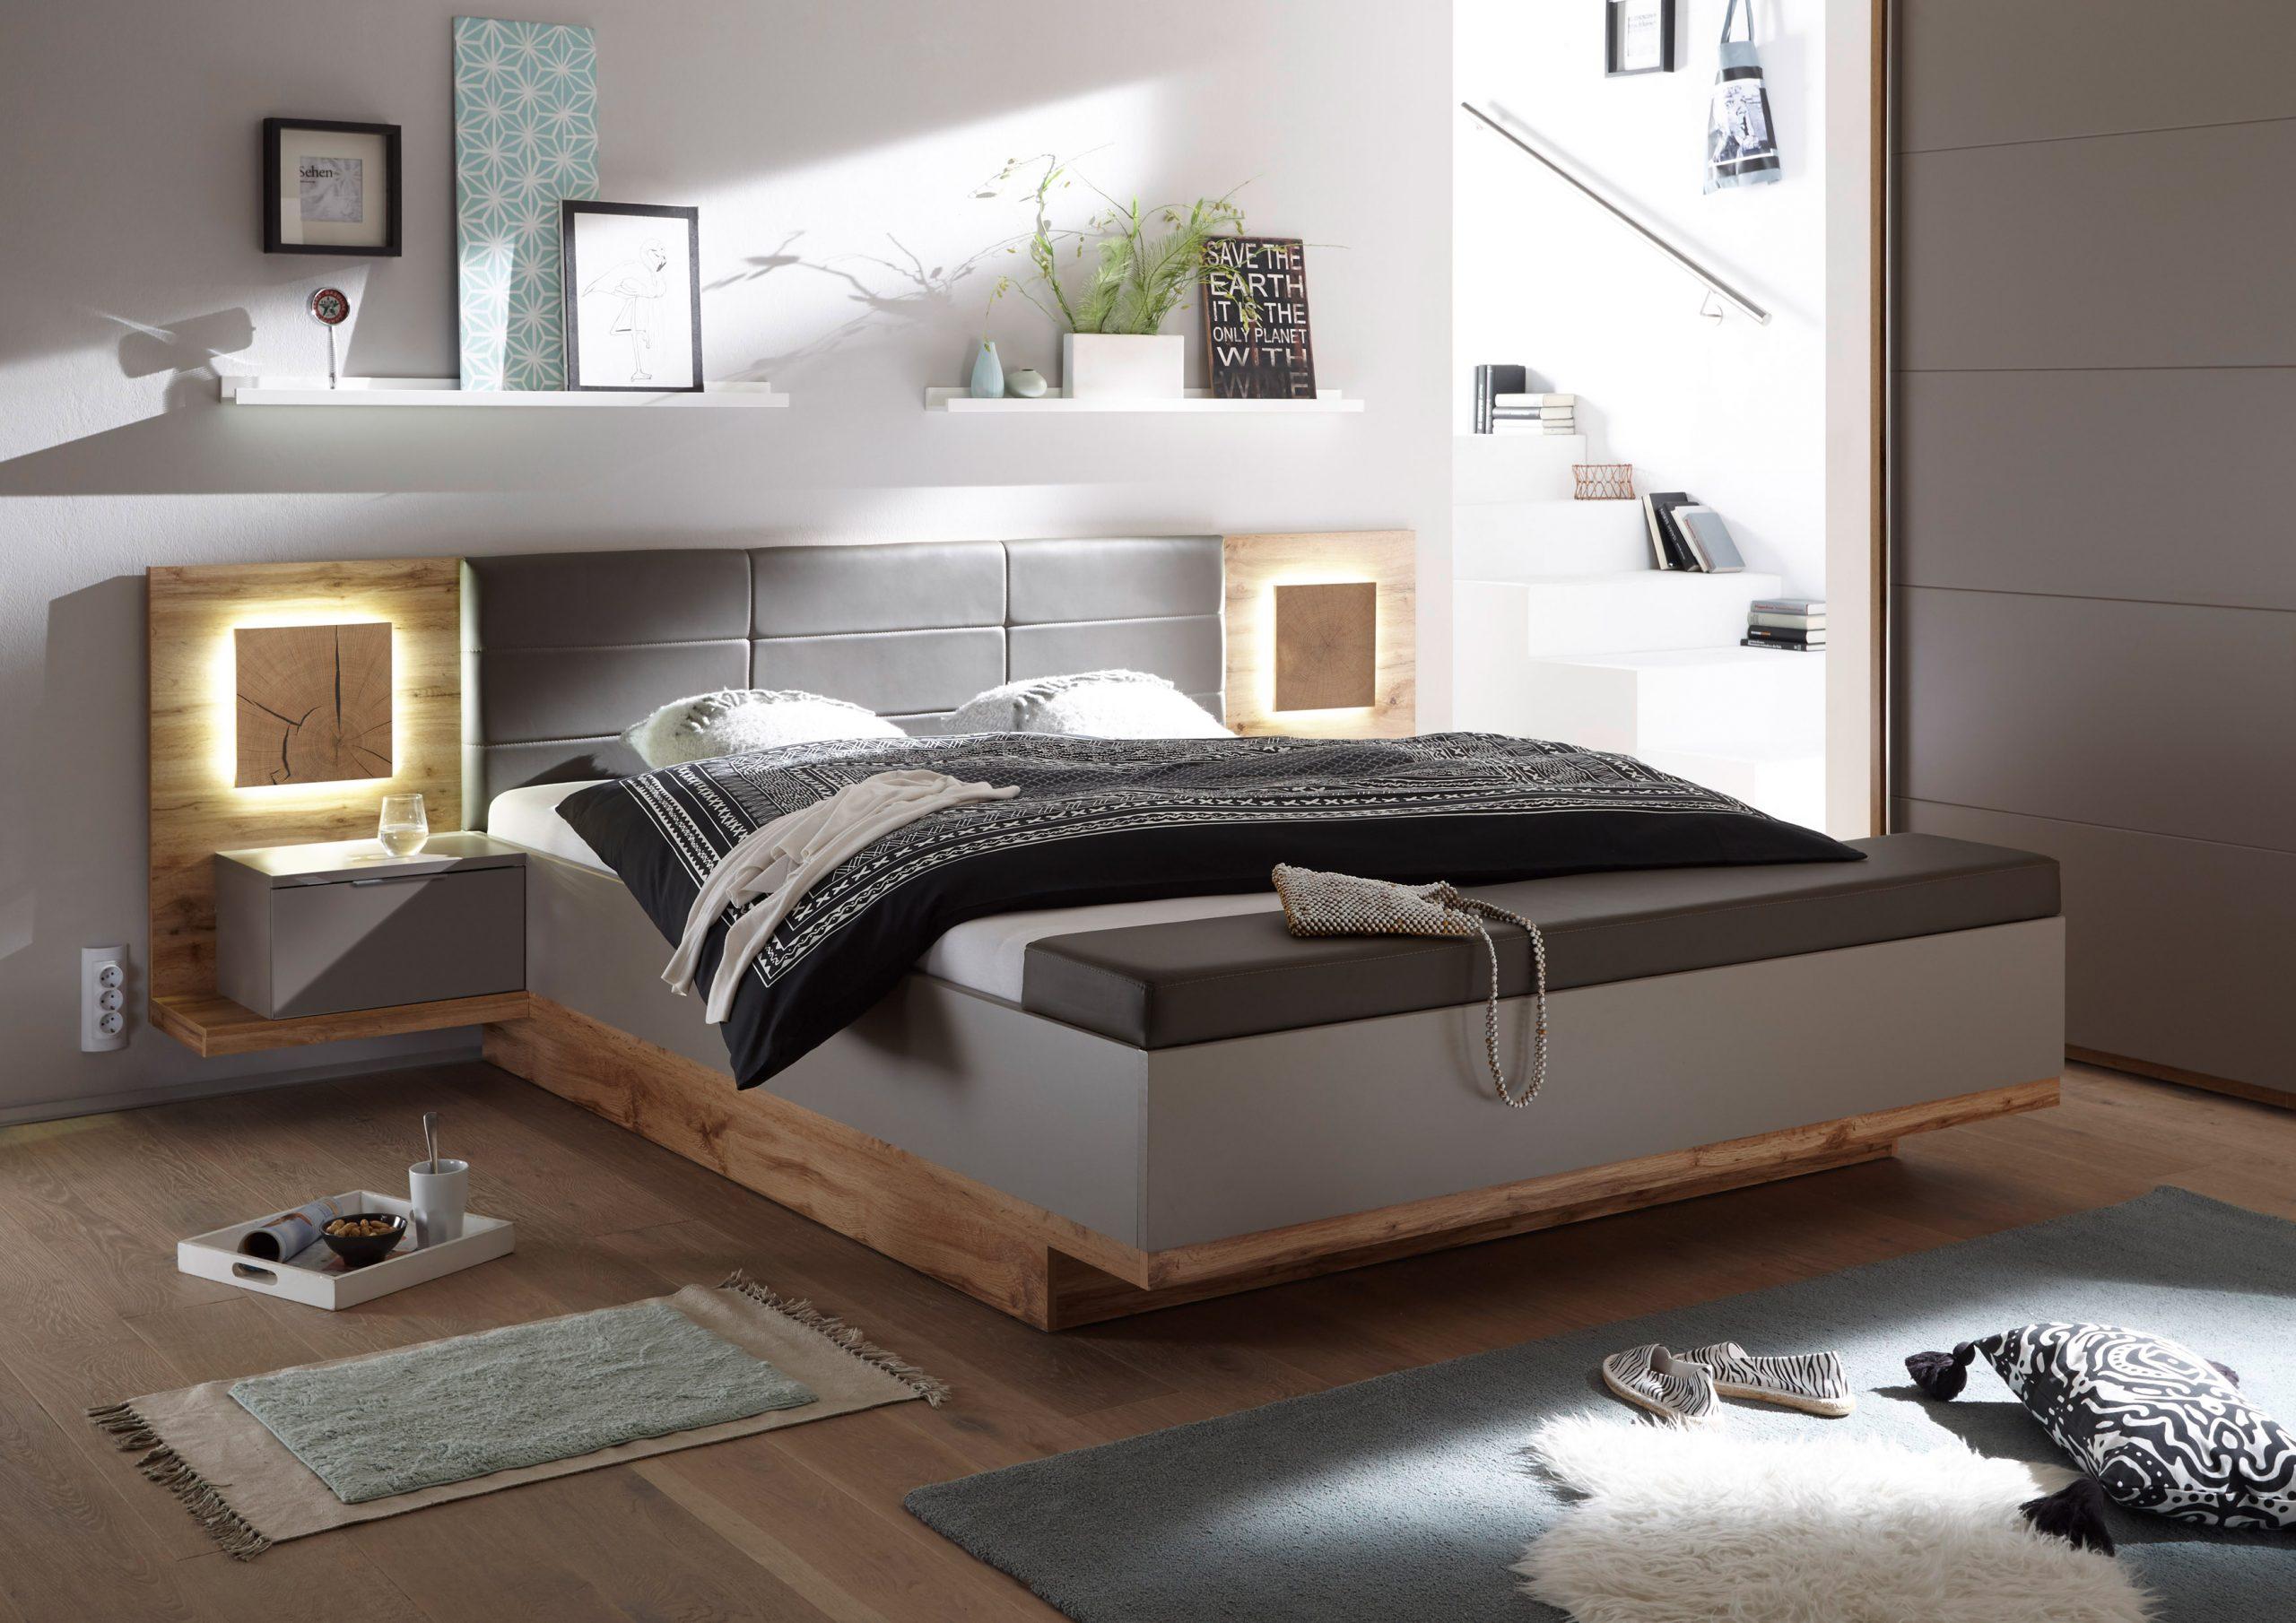 Full Size of Bett Eiche Sonoma Konfigurieren Nussbaum 180x200 200x180 Mit Stauraum 140x200 Kaufen Hamburg Betten Dormiente Schlafzimmer Set Boxspringbett Massiv 120 X 200 Bett Bett Ohne Füße